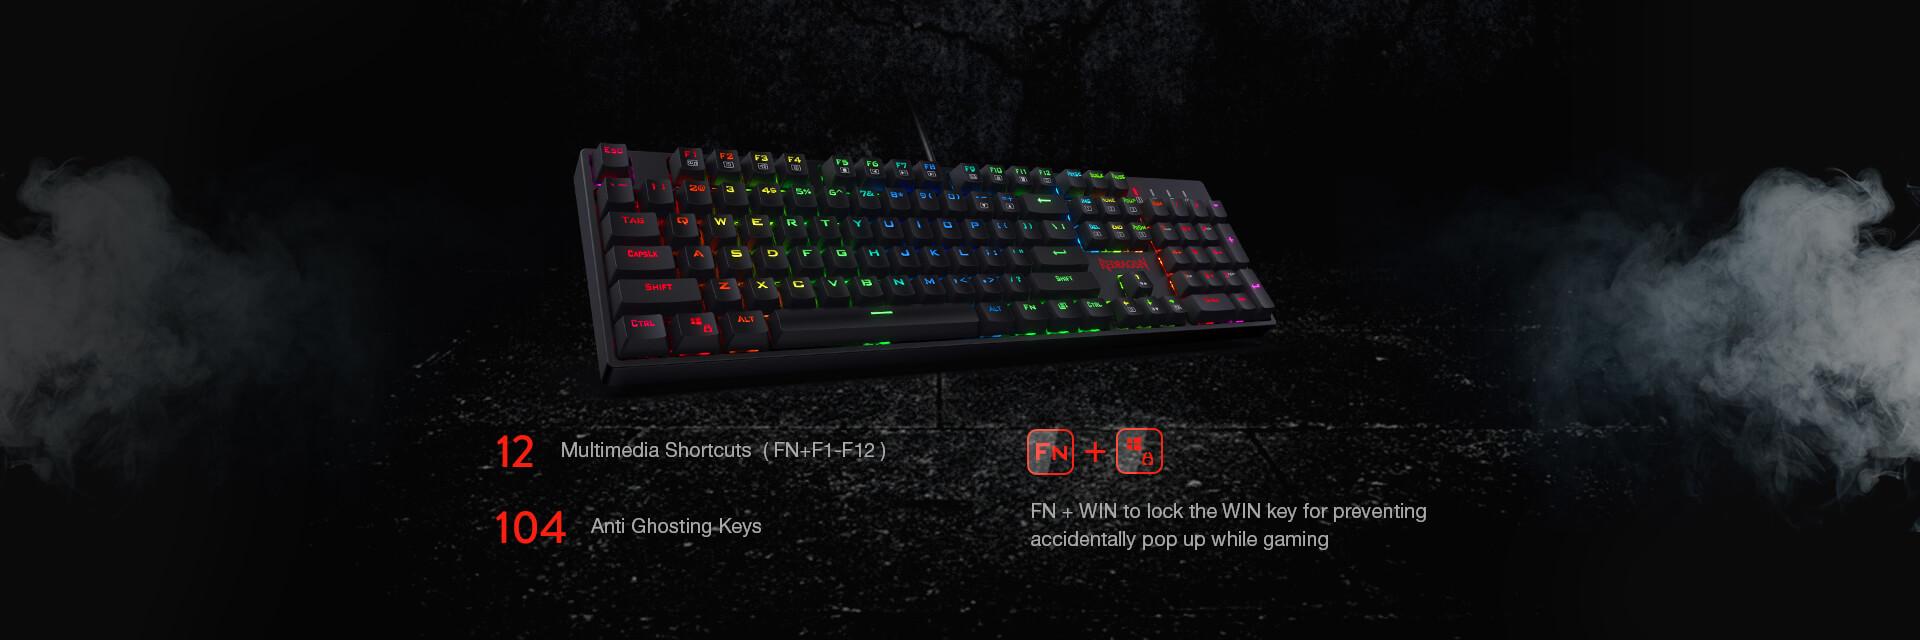 redragon k582 gaming keyboard (3).jpg